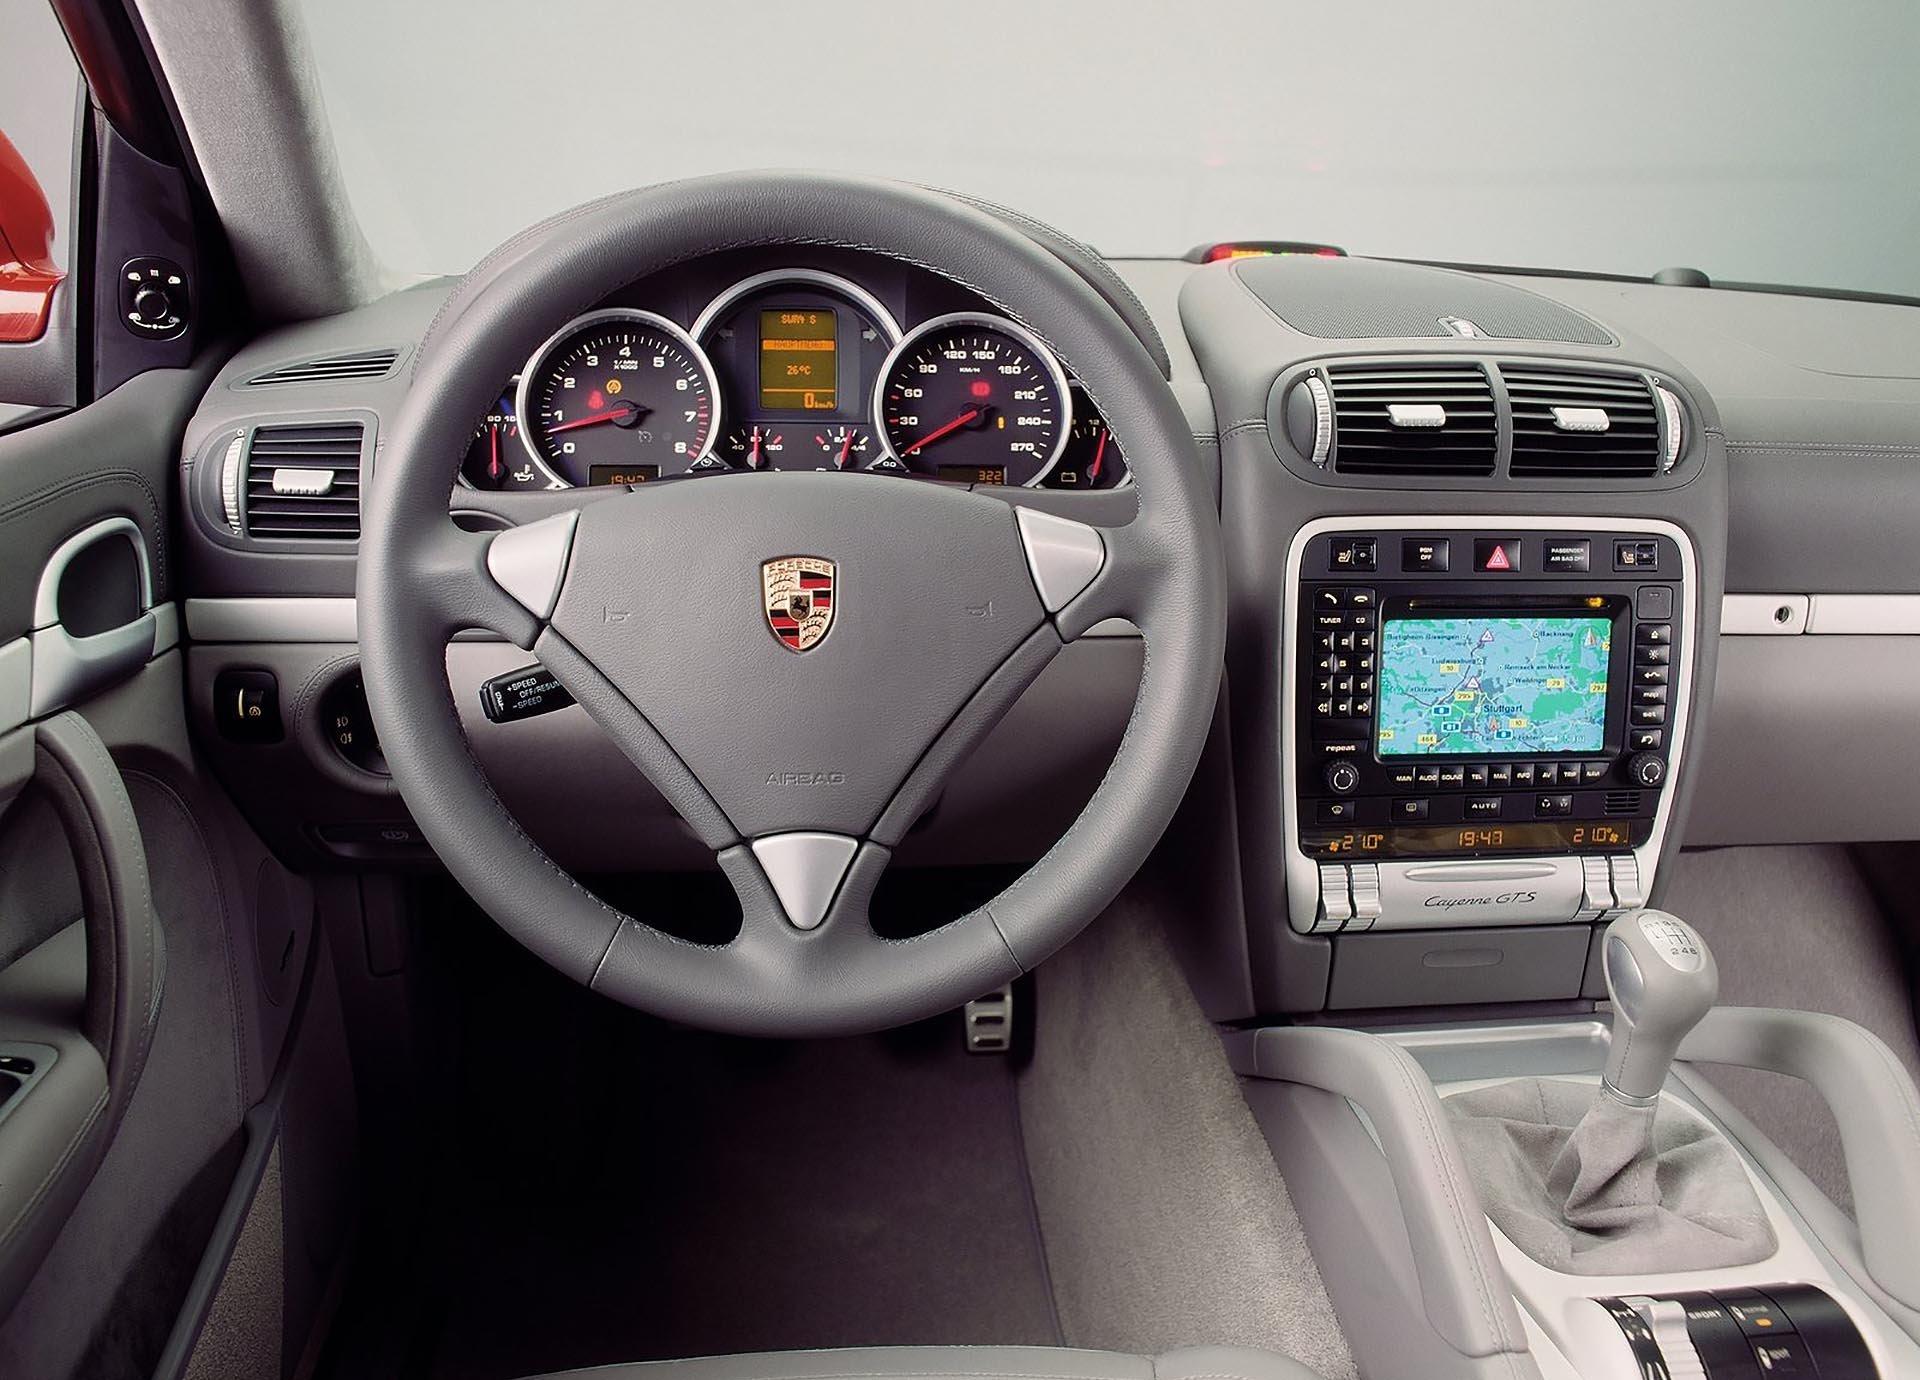 955 Porsche Cayenne Infotainment display